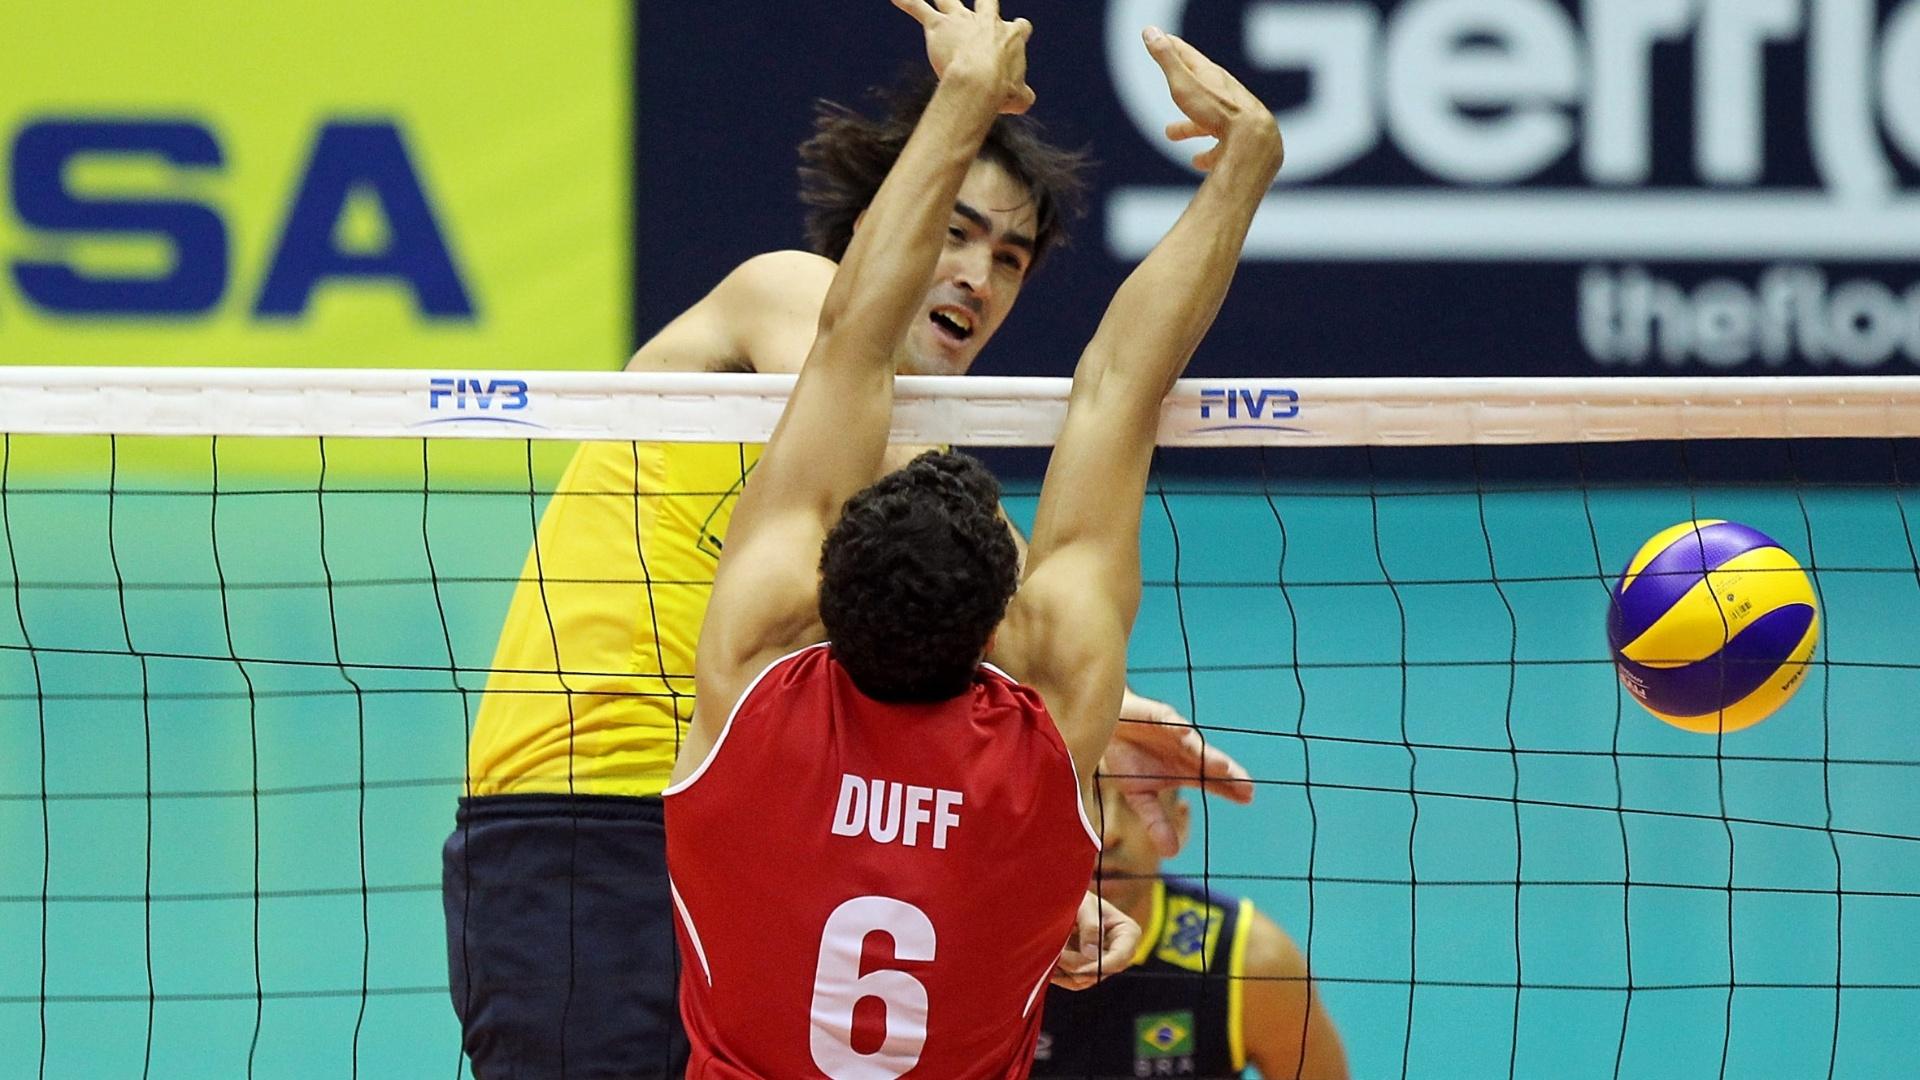 Rodrigão para no bloqueio de Duff na partida entre Brasil e Canadá pela Liga Mundial de Vôlei